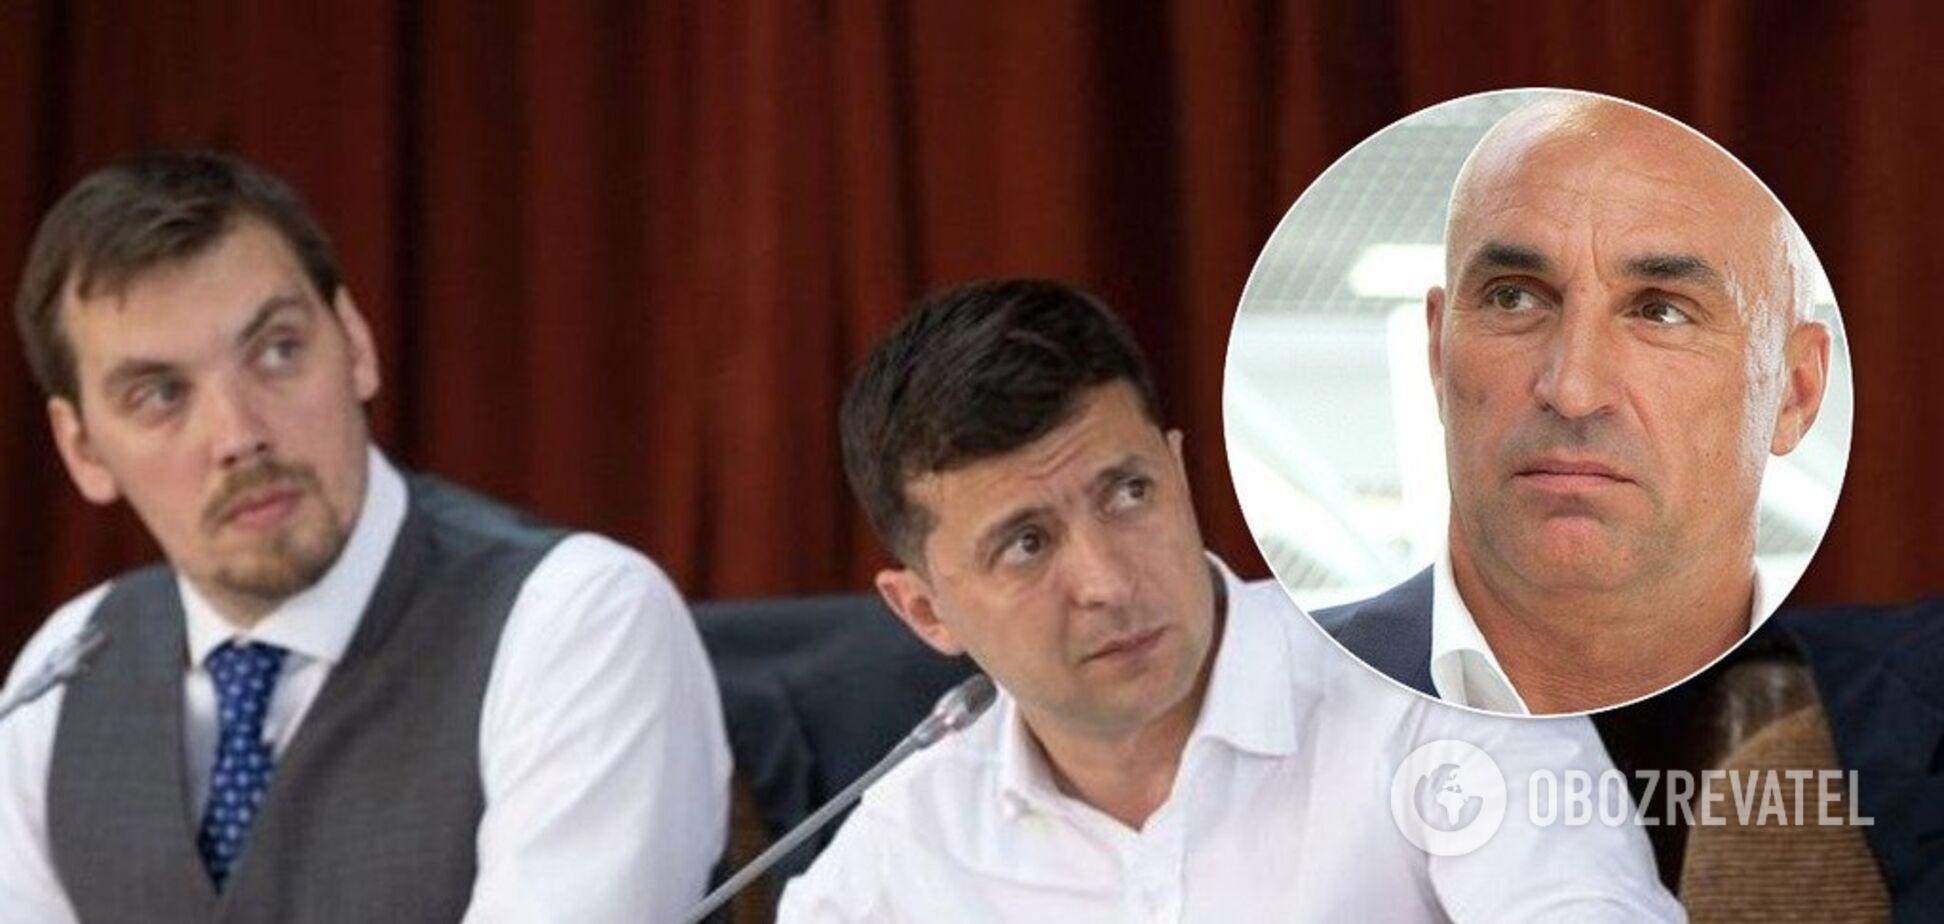 Забыли о местных: Ярославский раскритиковал идею Зеленского об иностранных инвесторах